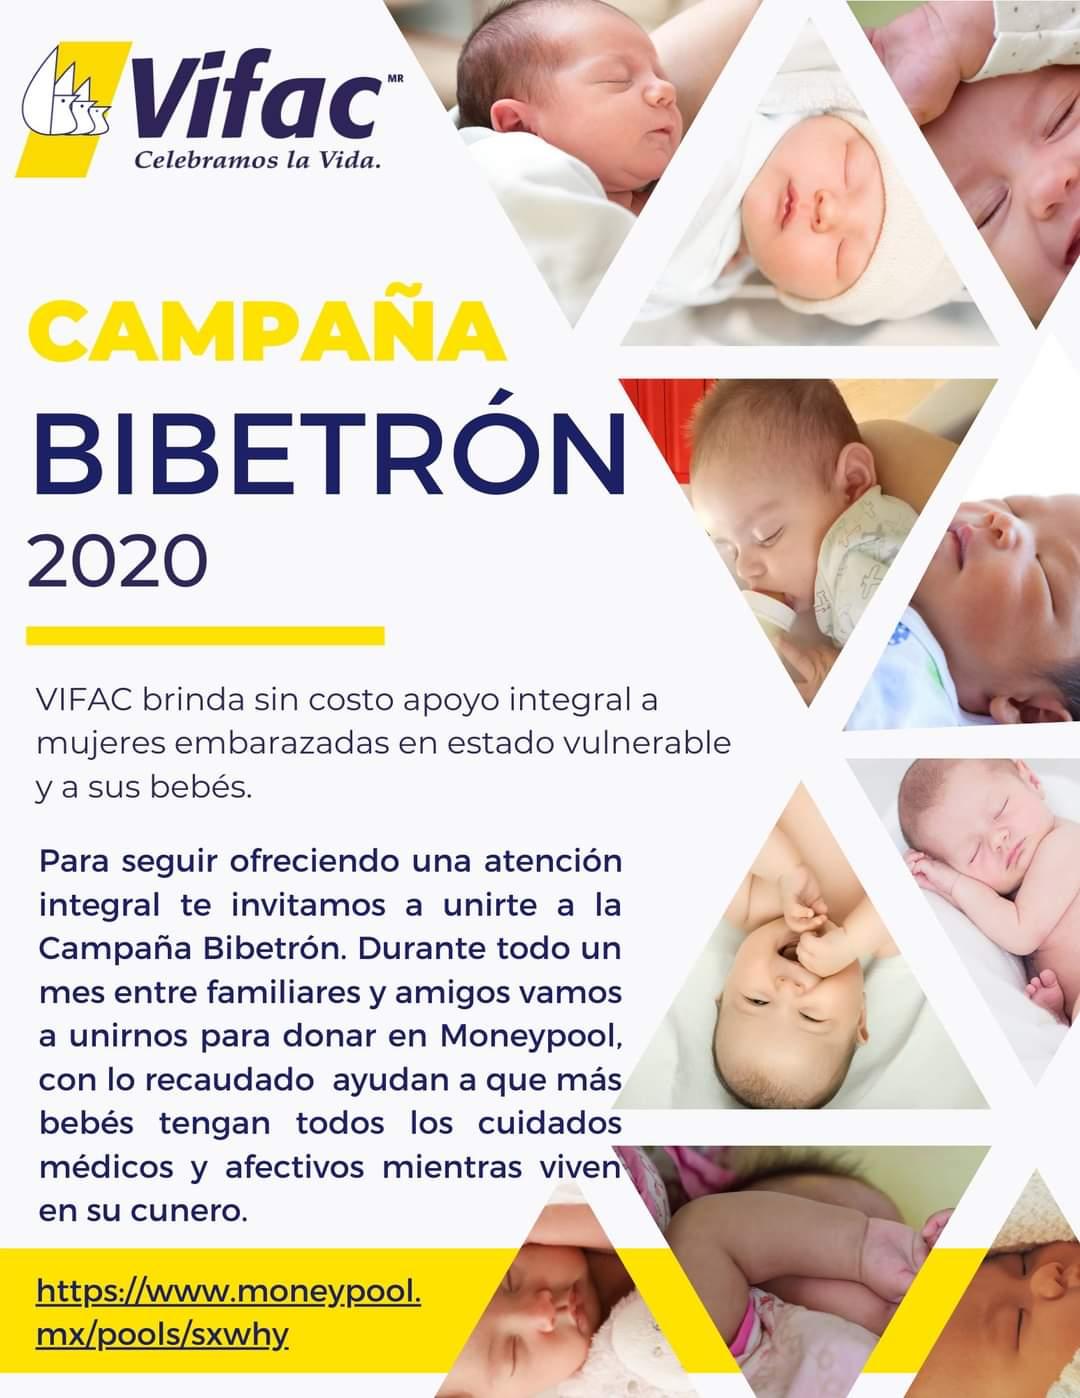 VIFAC ofrece crecimiento personal y profesional a mujeres embarazadas